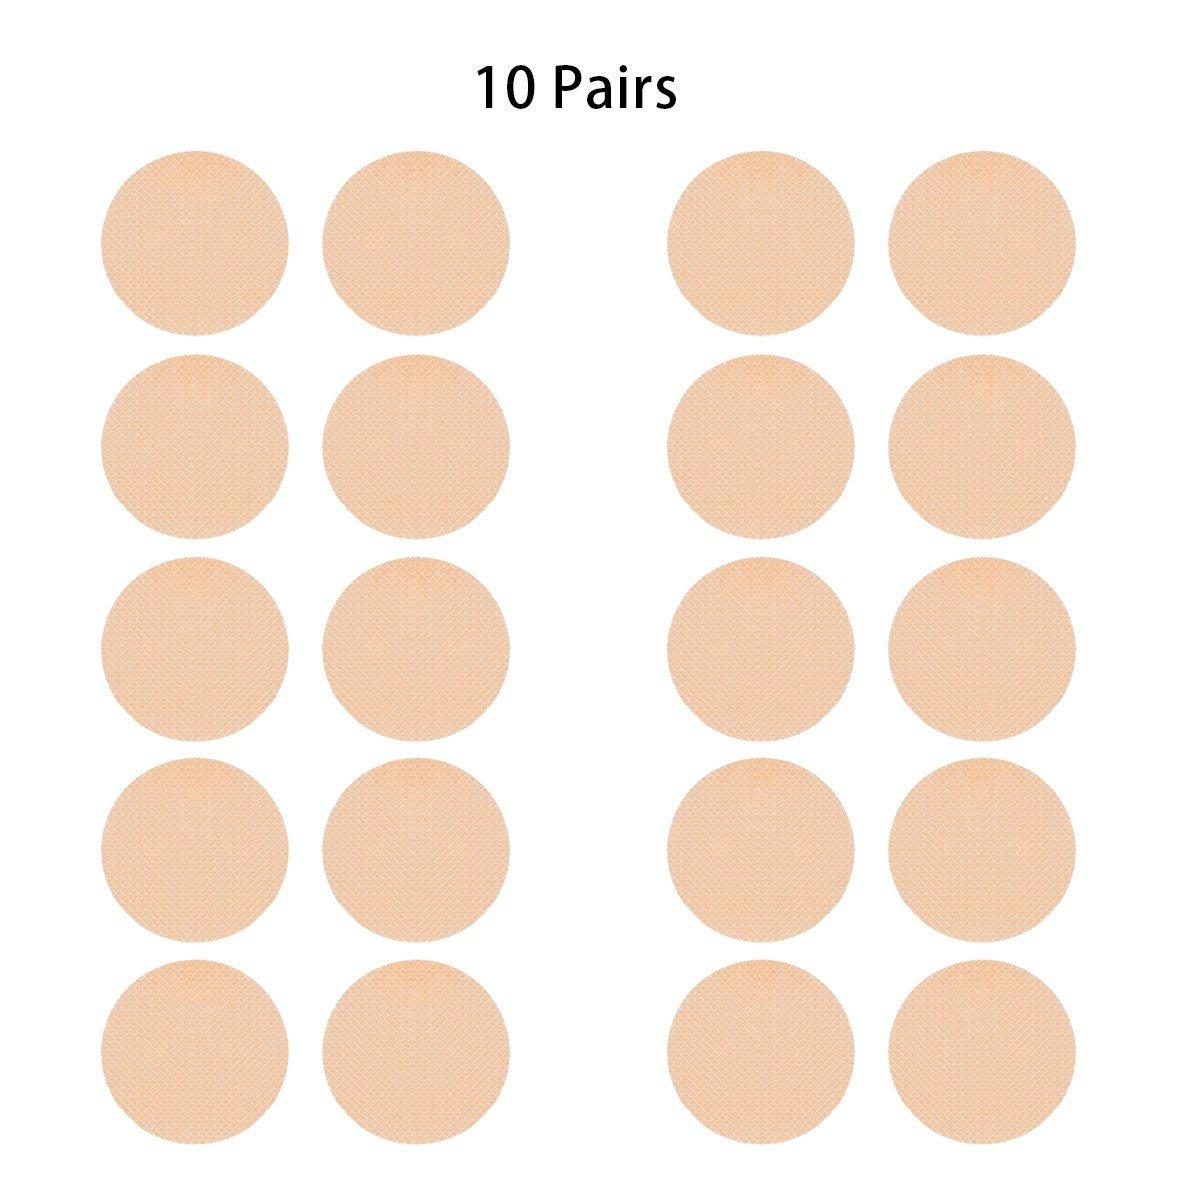 【アウトレット☆送料無料】 TiaoBug ACCESSORY One メンズ カラー: US サイズ: One ACCESSORY Size カラー: ベージュ B075Q9LWYD, MClimb WEED:f760d333 --- a0267596.xsph.ru